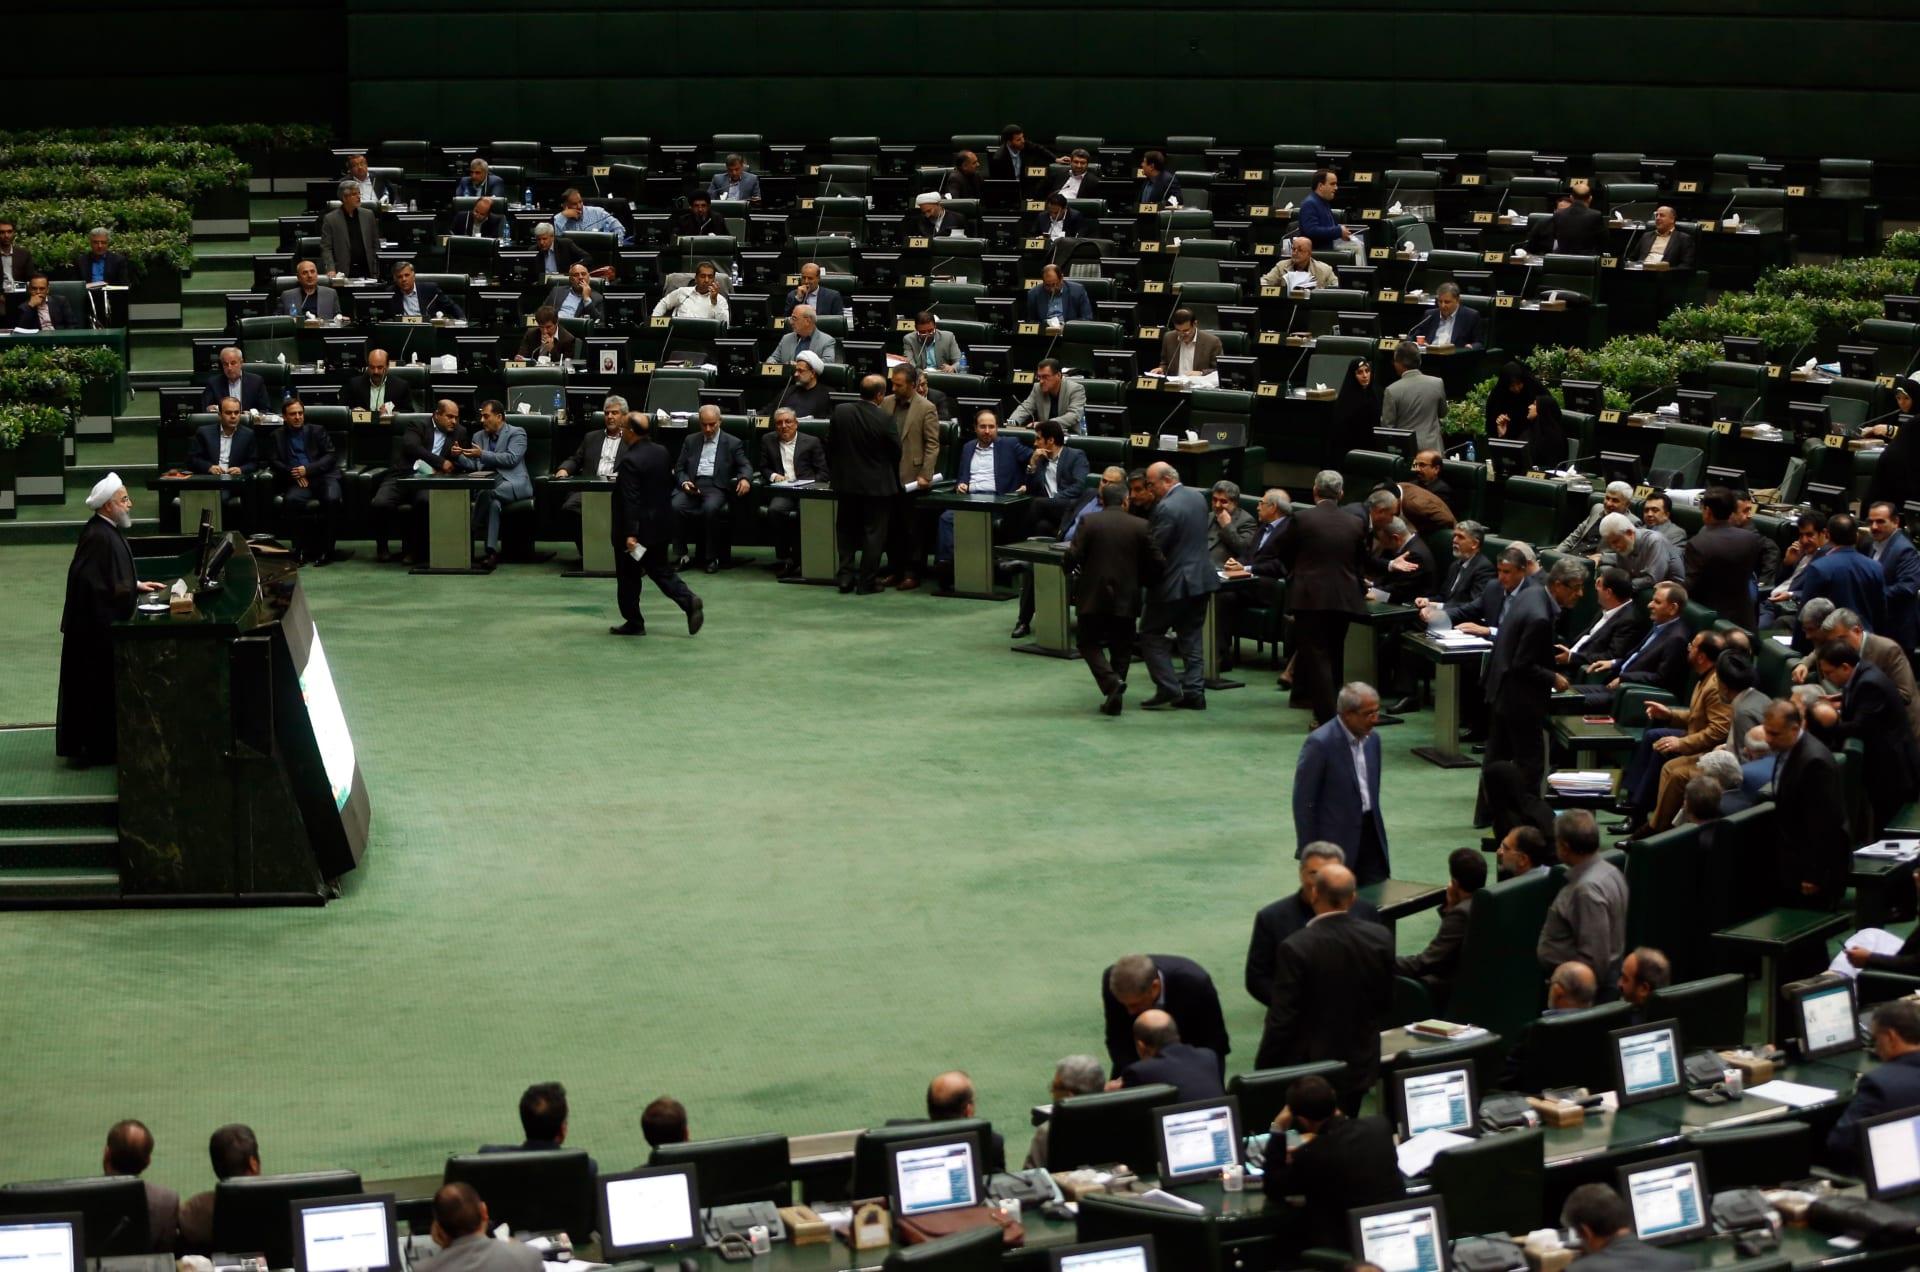 إيران تعين4 وزراء لحقائب اقتصادية قبيل العقوبات الأمريكية